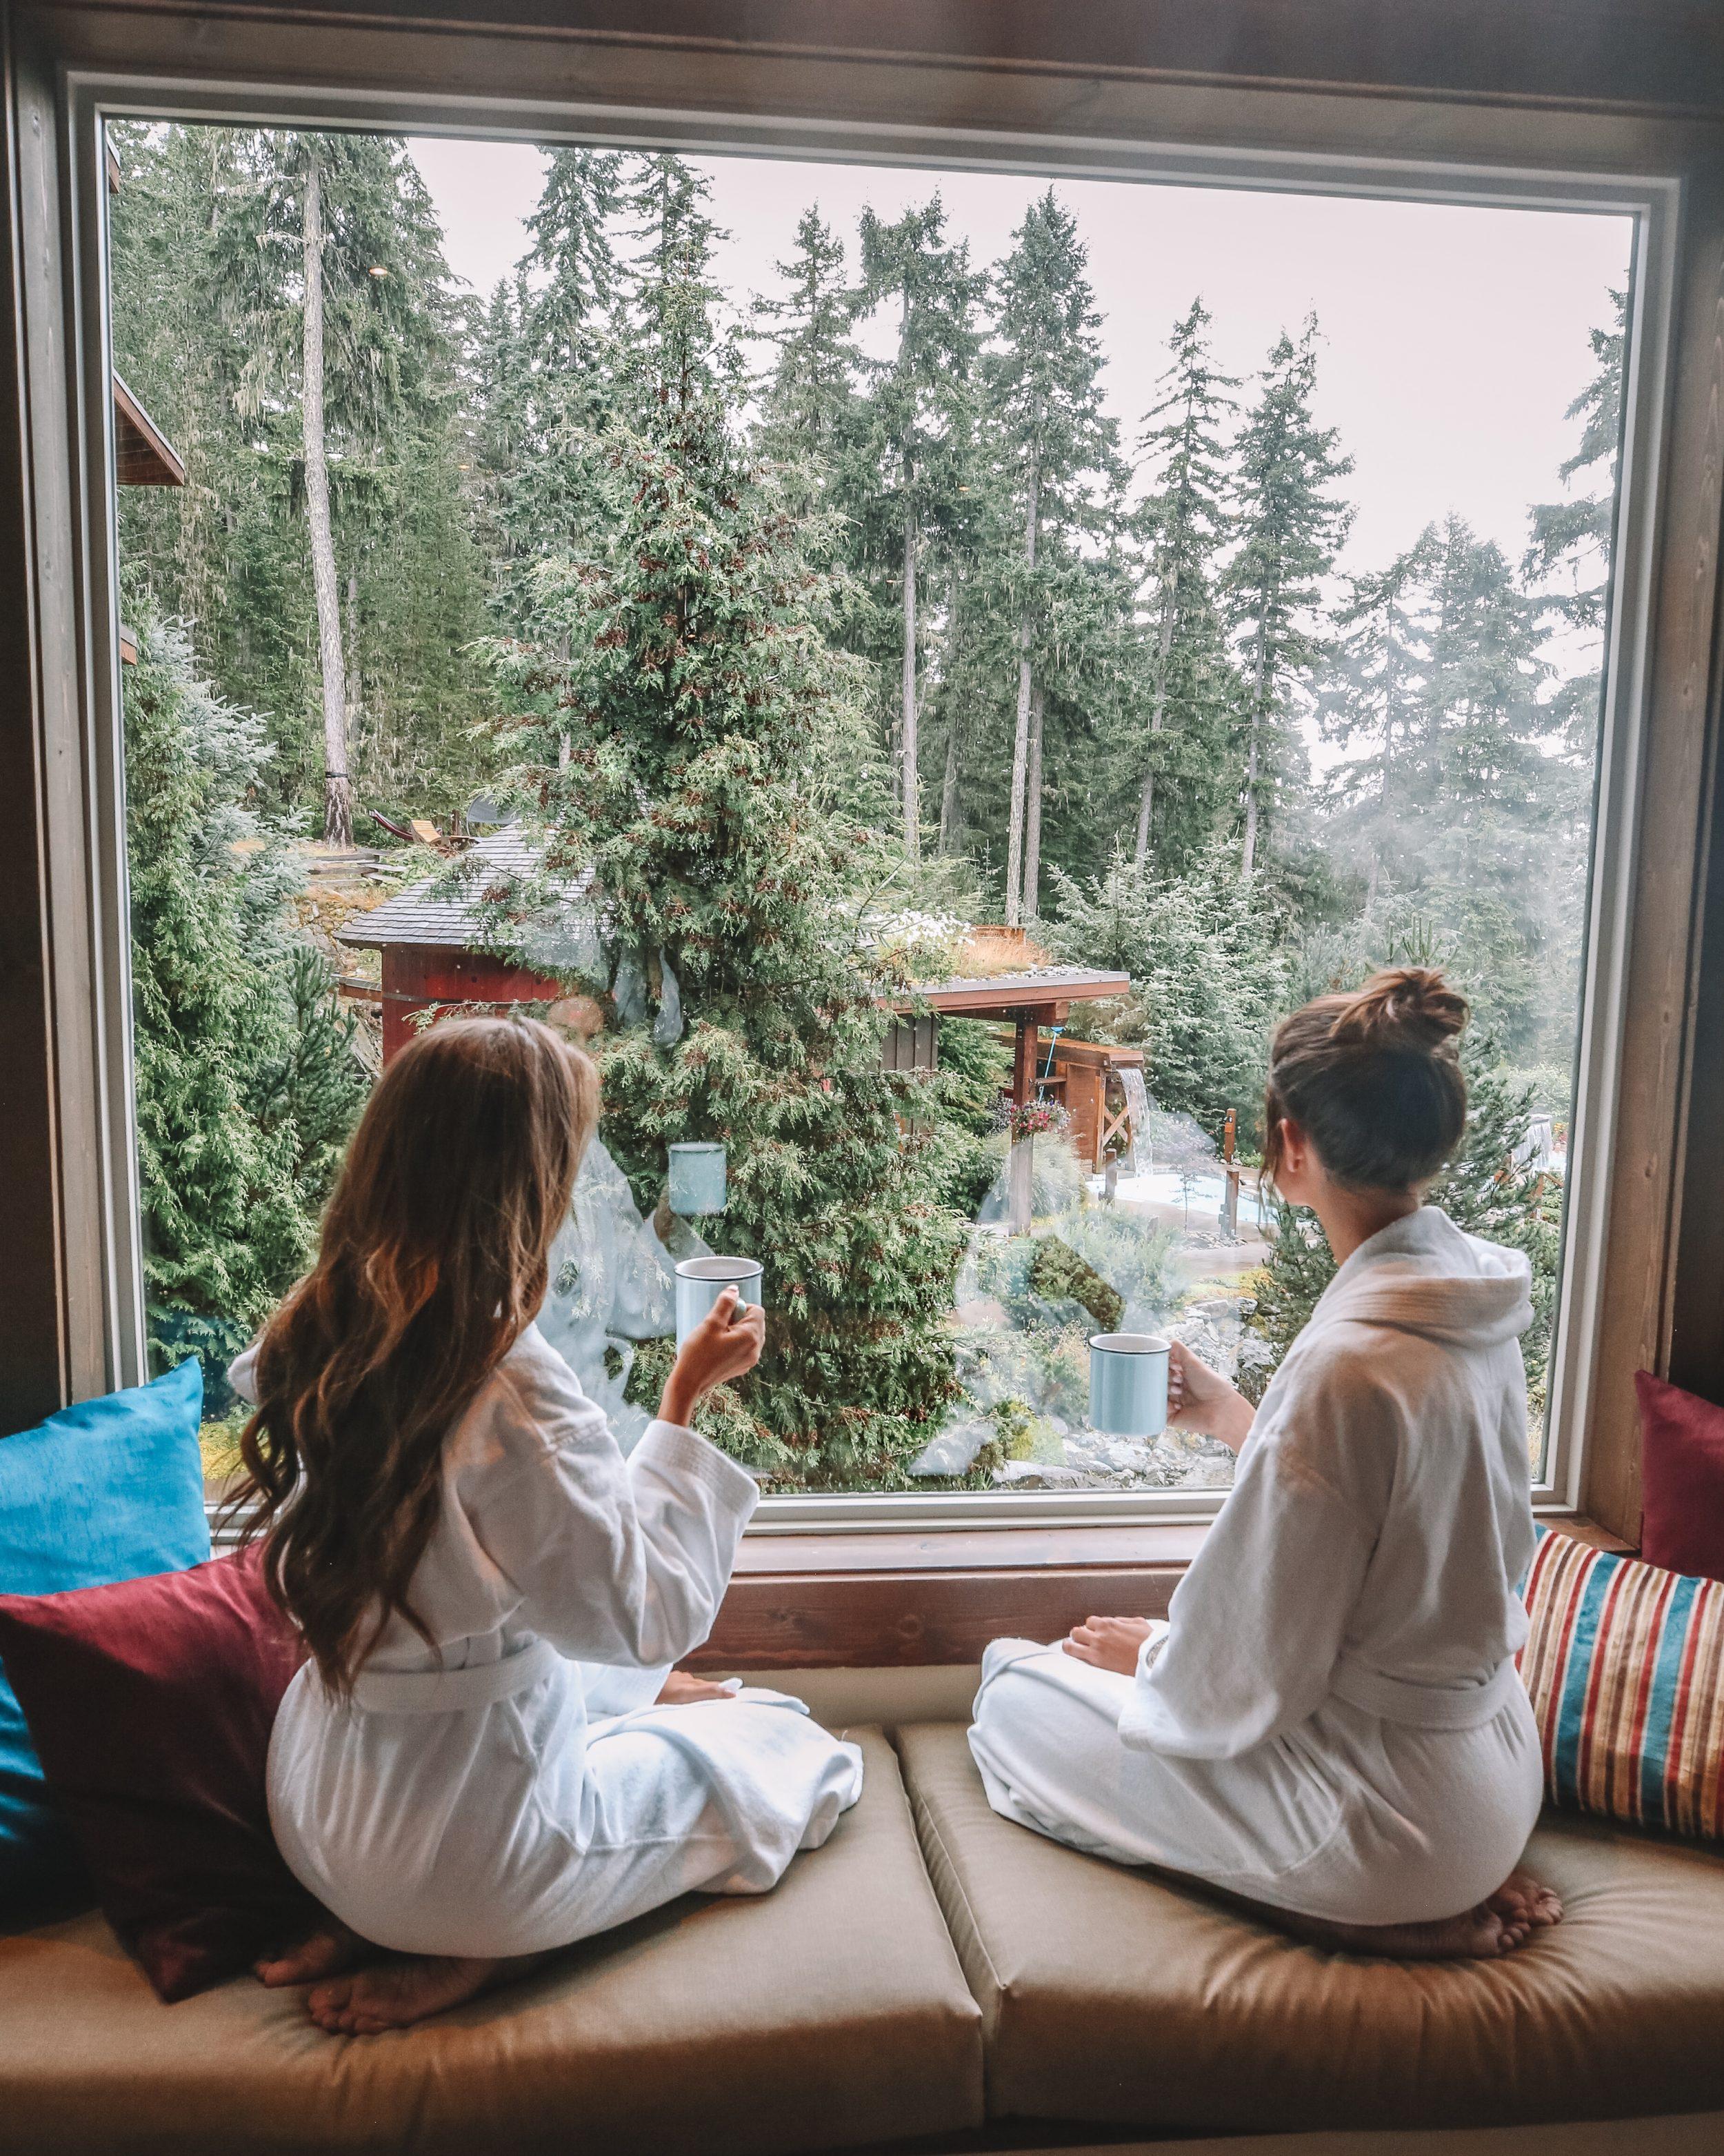 lauren sims whistler travel guide